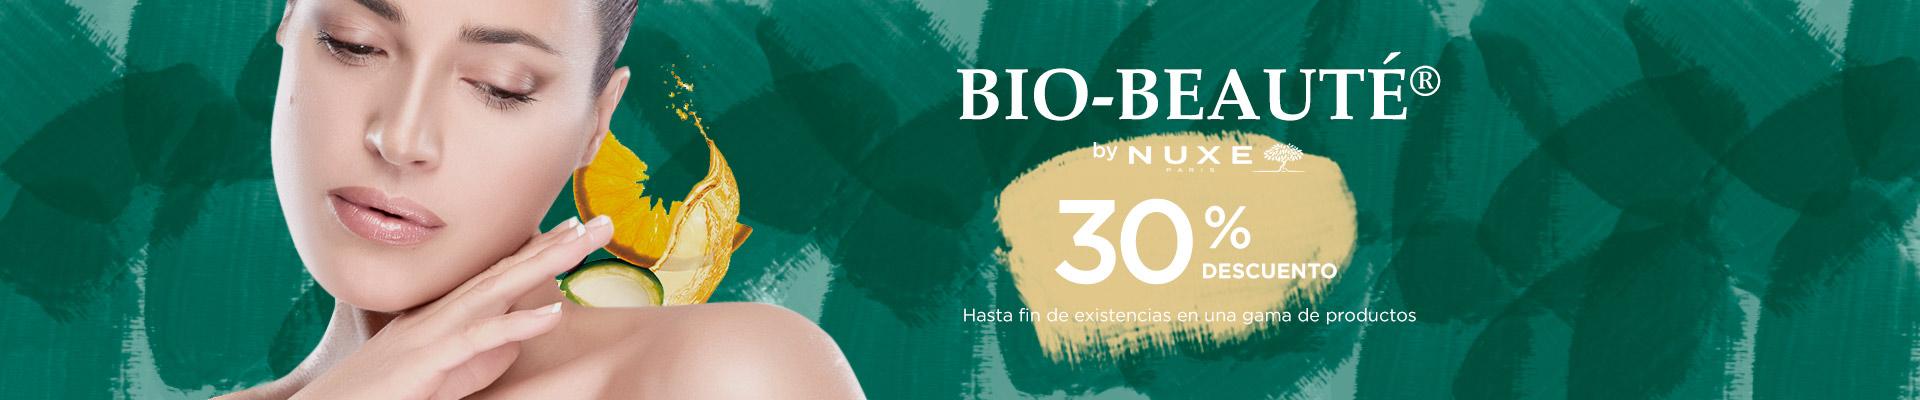 Descuento 30% Nuxe Bio Beaute hasta fin de existencias